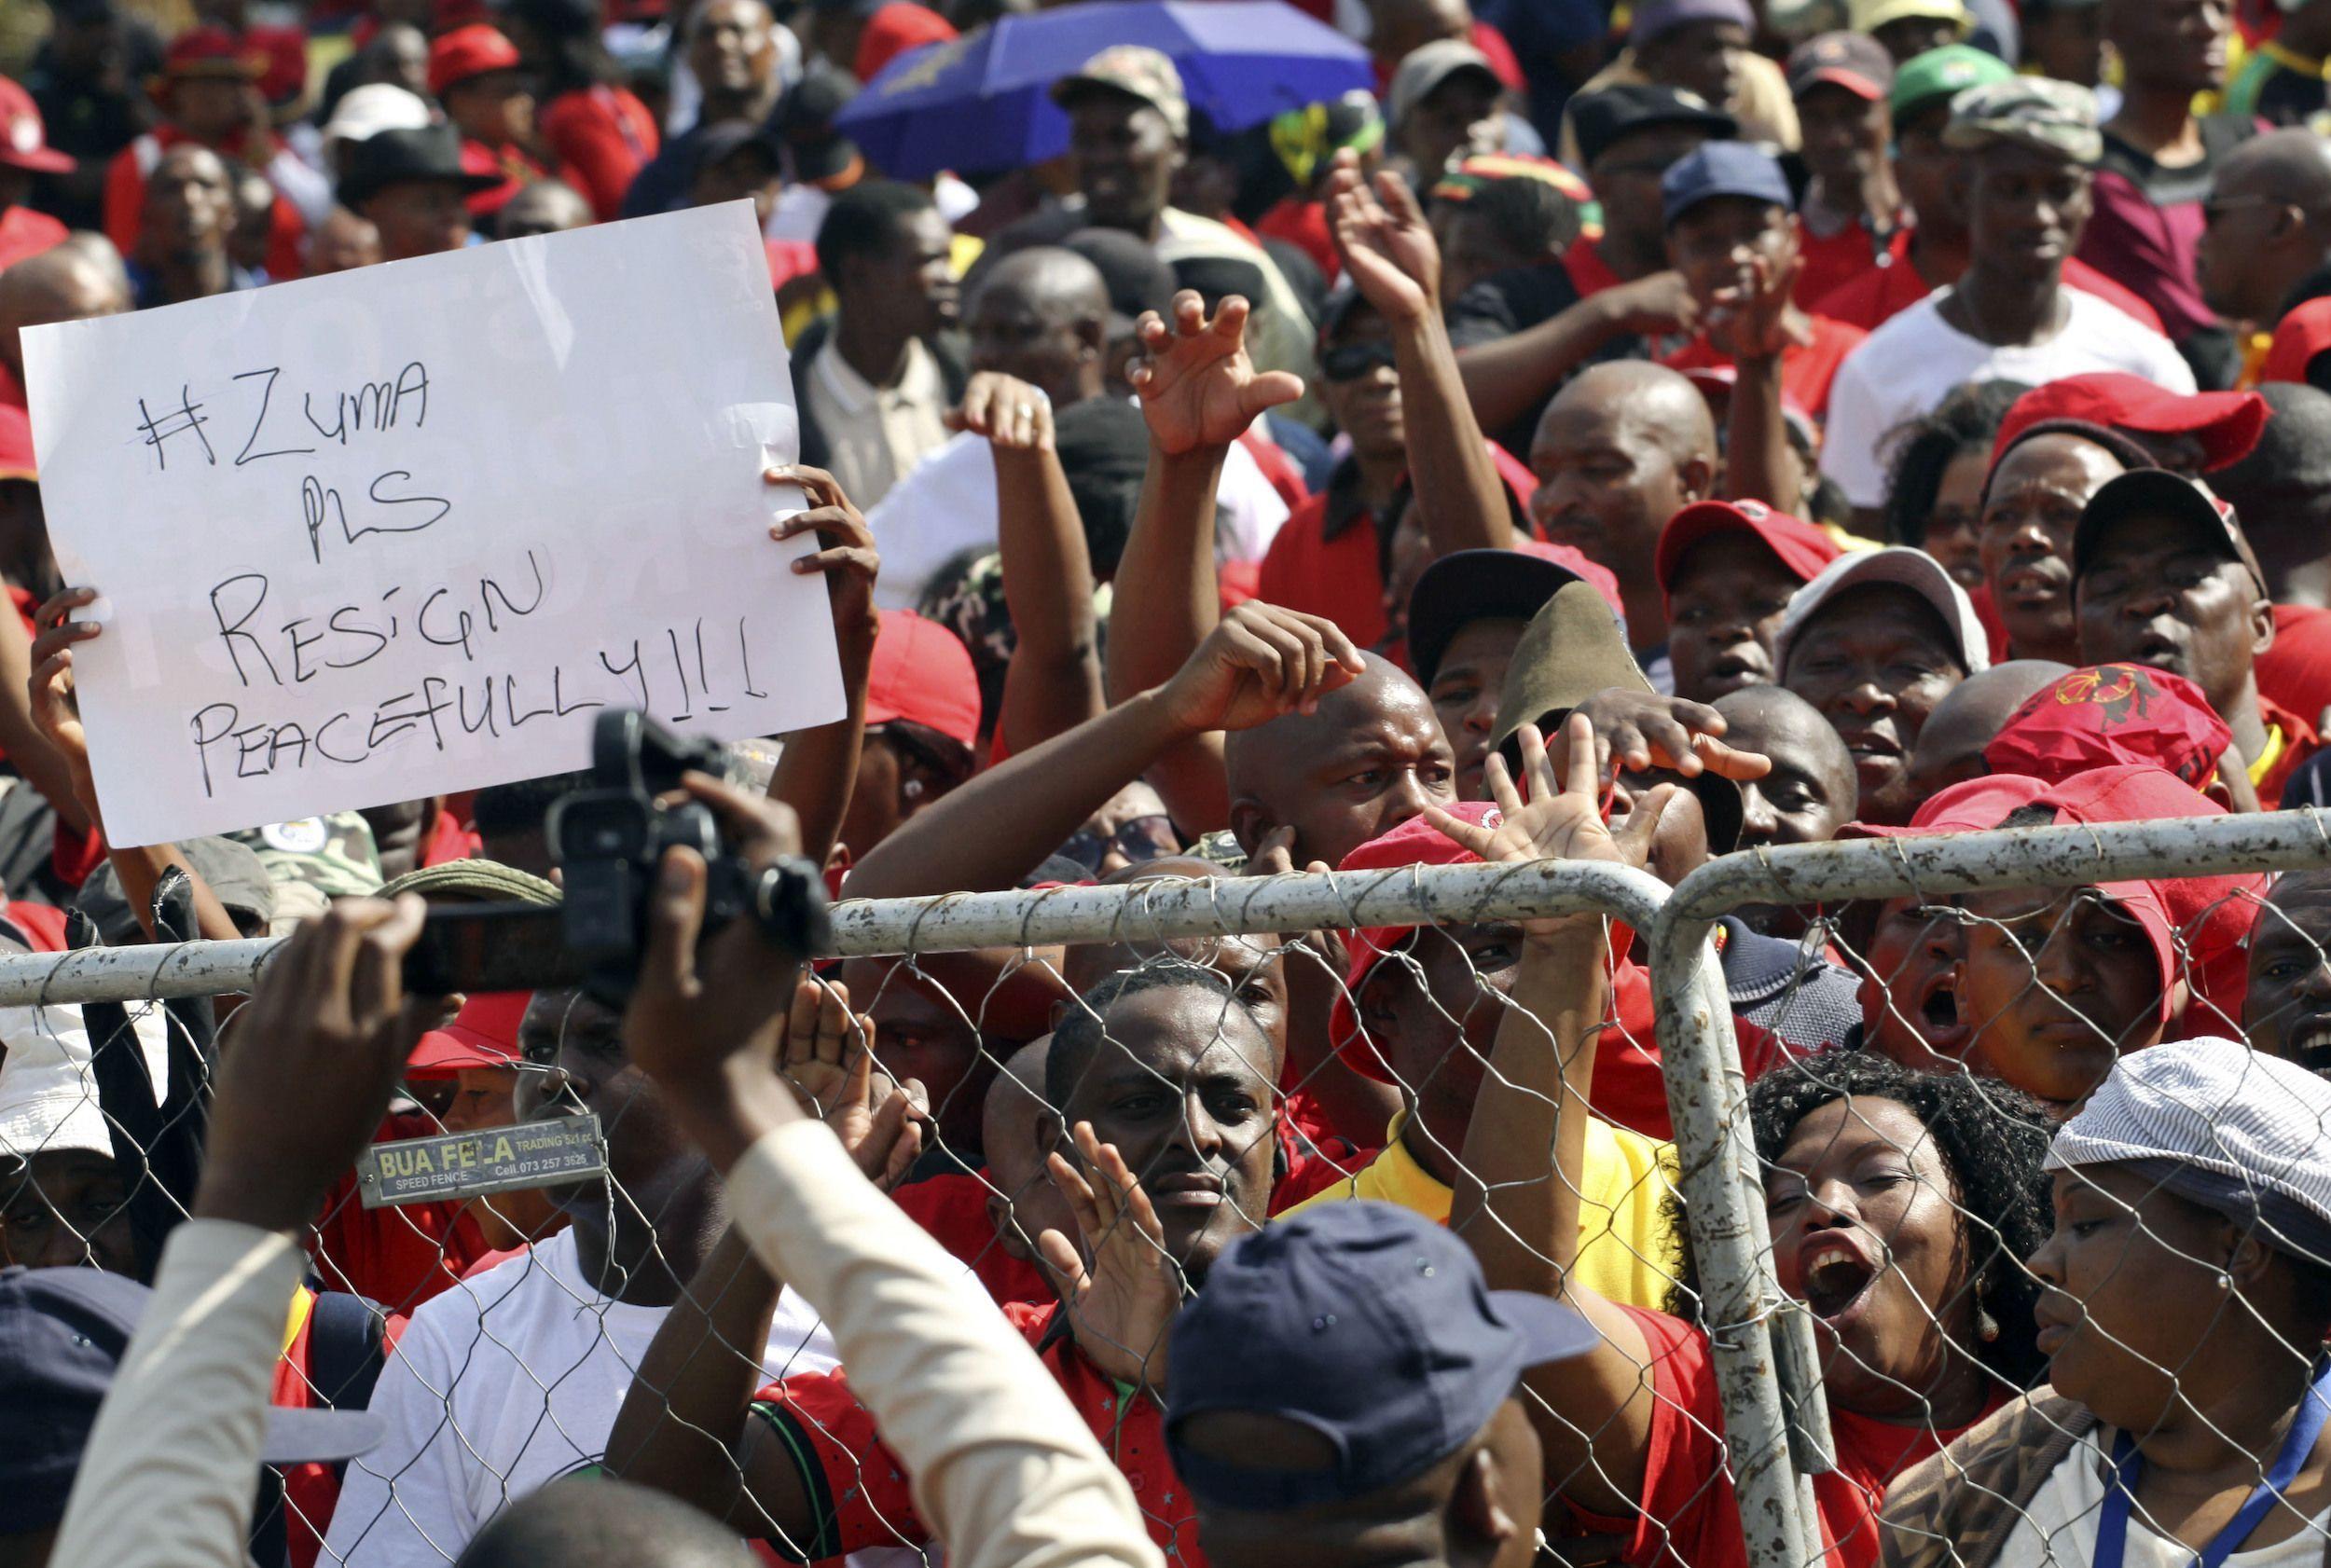 El presidente sudafricano Jacob Zuma fue burlado por los sindicalistas y su discurso fue cancelado después de que estallaron peleas entre sus partidarios y los trabajadores durante manifestaciones ayer.